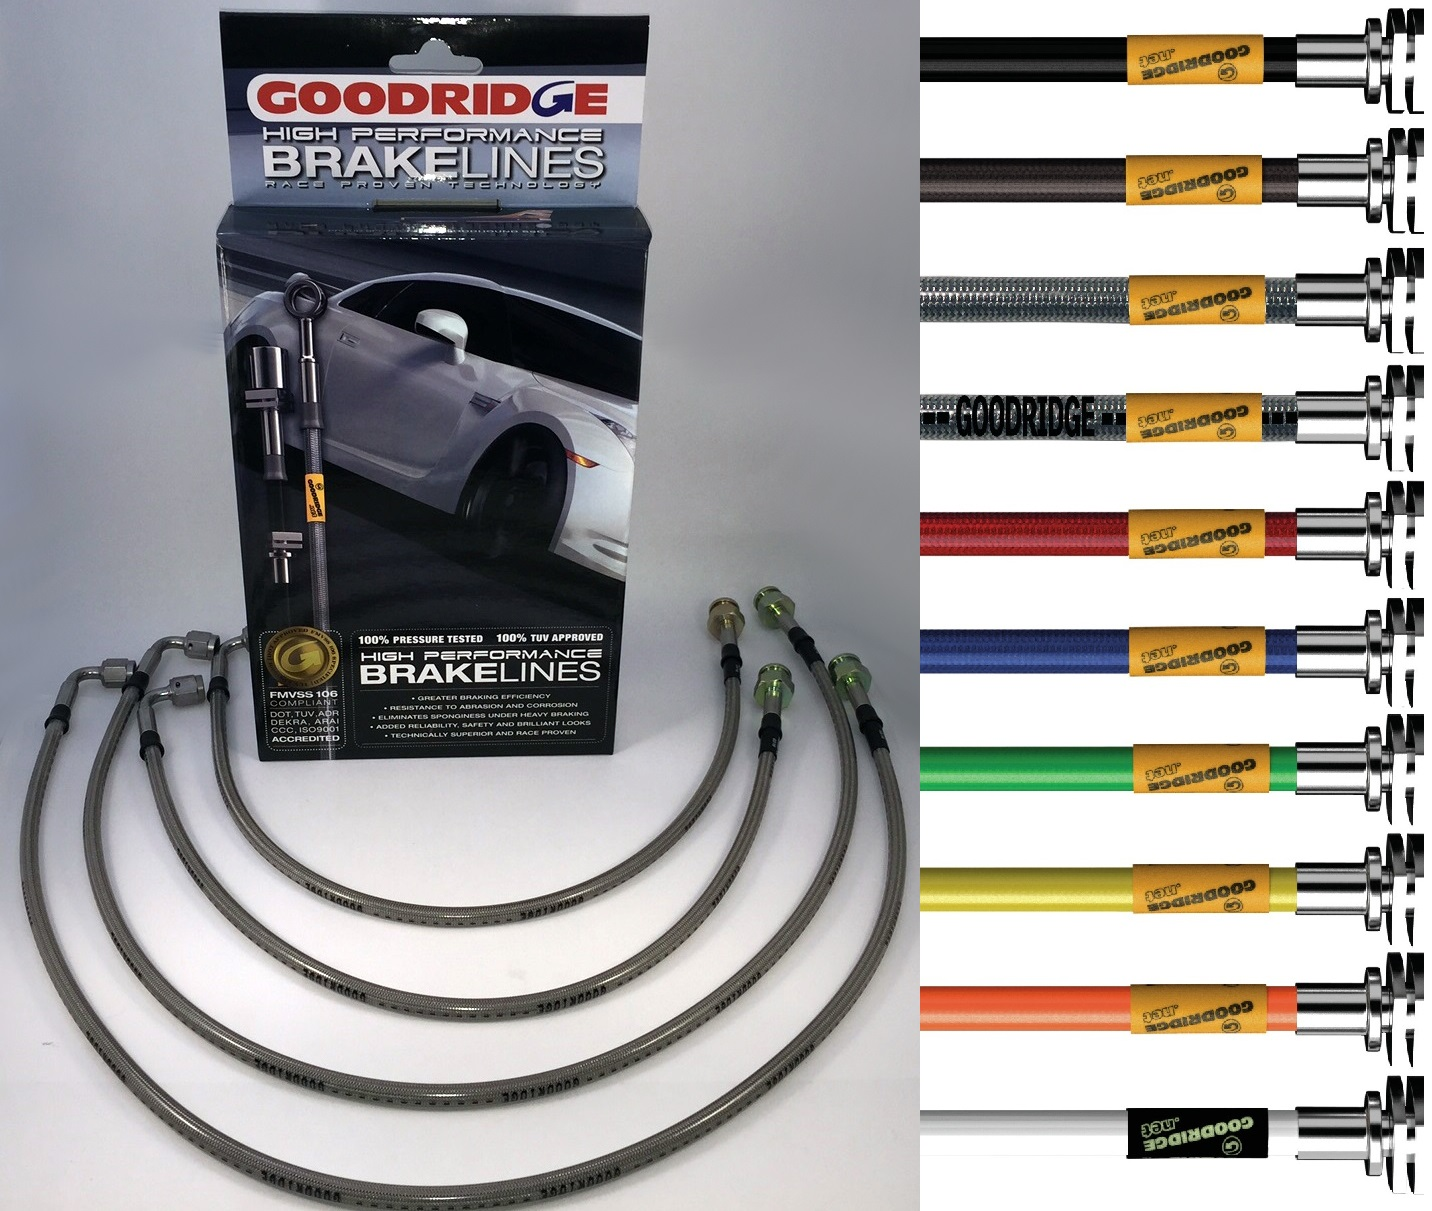 Goodridge - sada pancéřových brzdových hadiček s ochrannou bužírkou - Lancia Thema všechny modely s ABS + 8.32